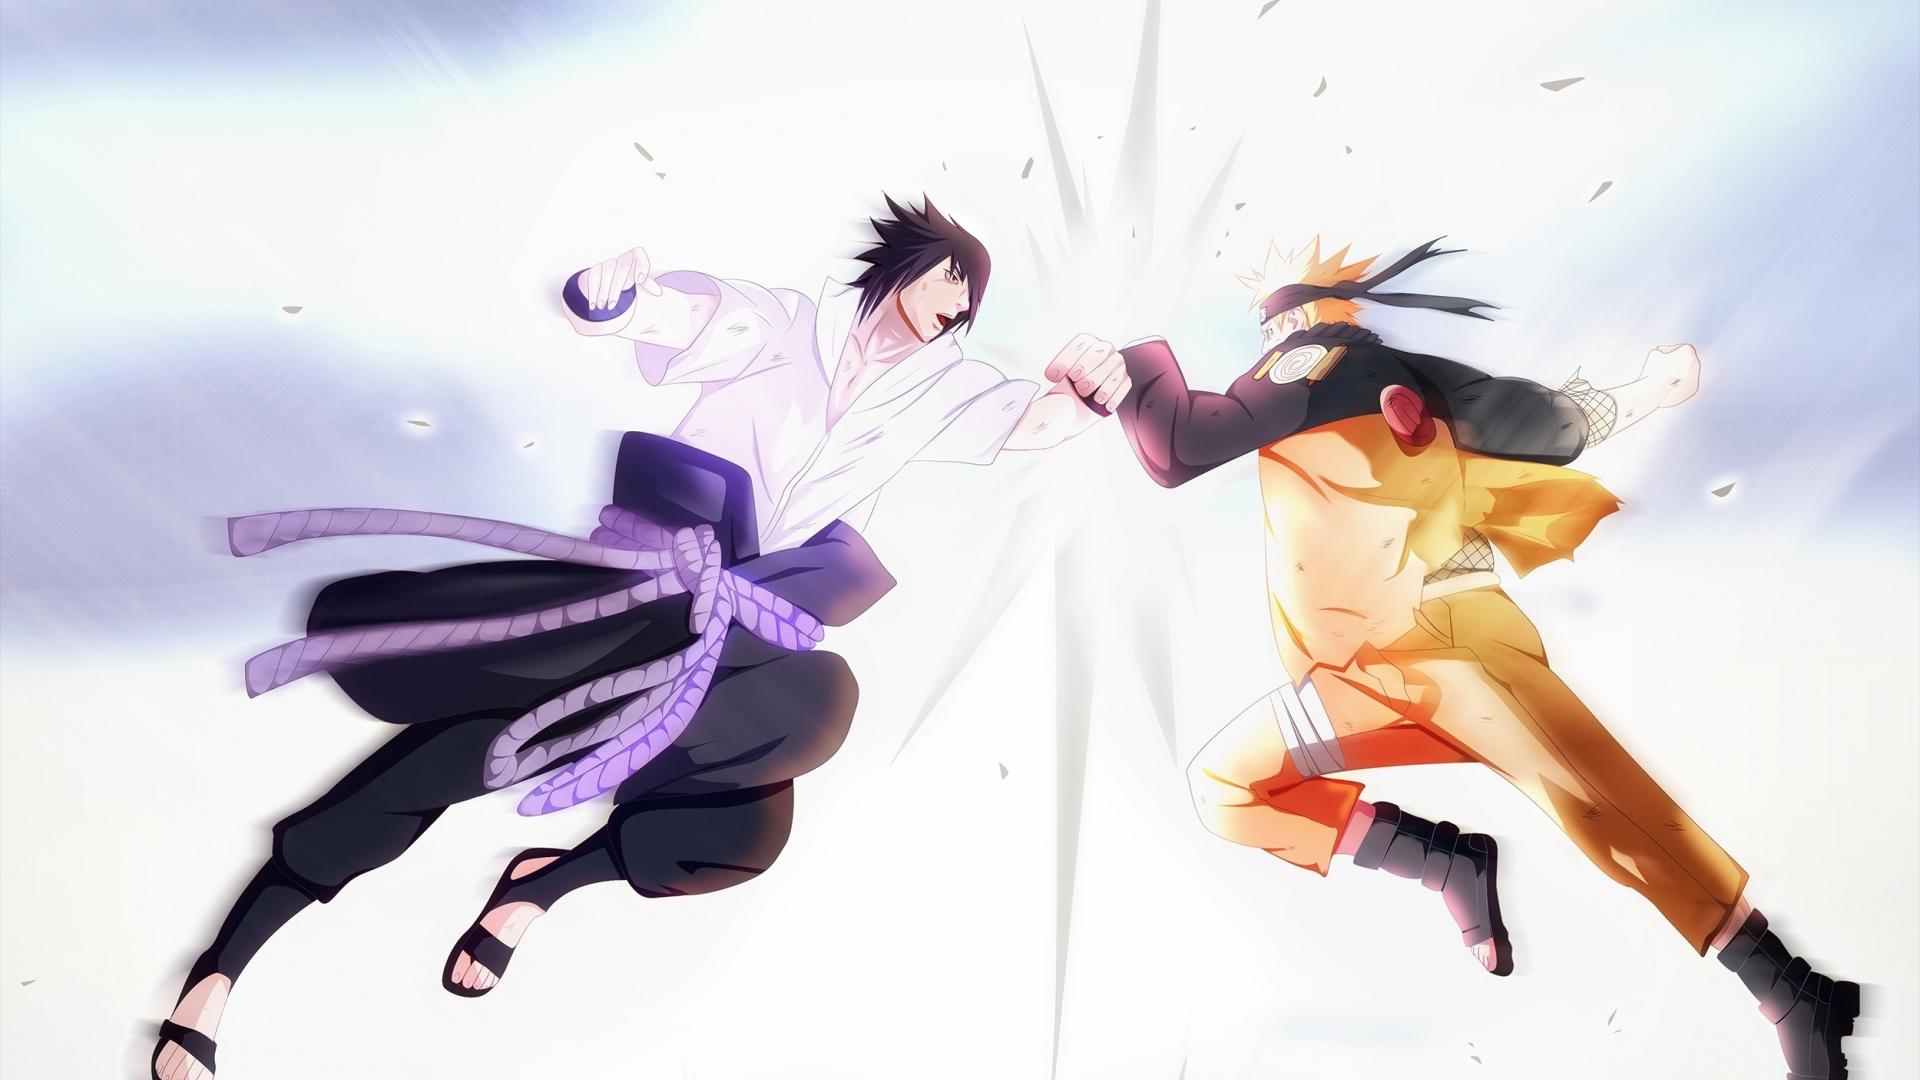 Download 1920x1080 Wallpaper Naruto Uzumaki Sasuke Uchiha